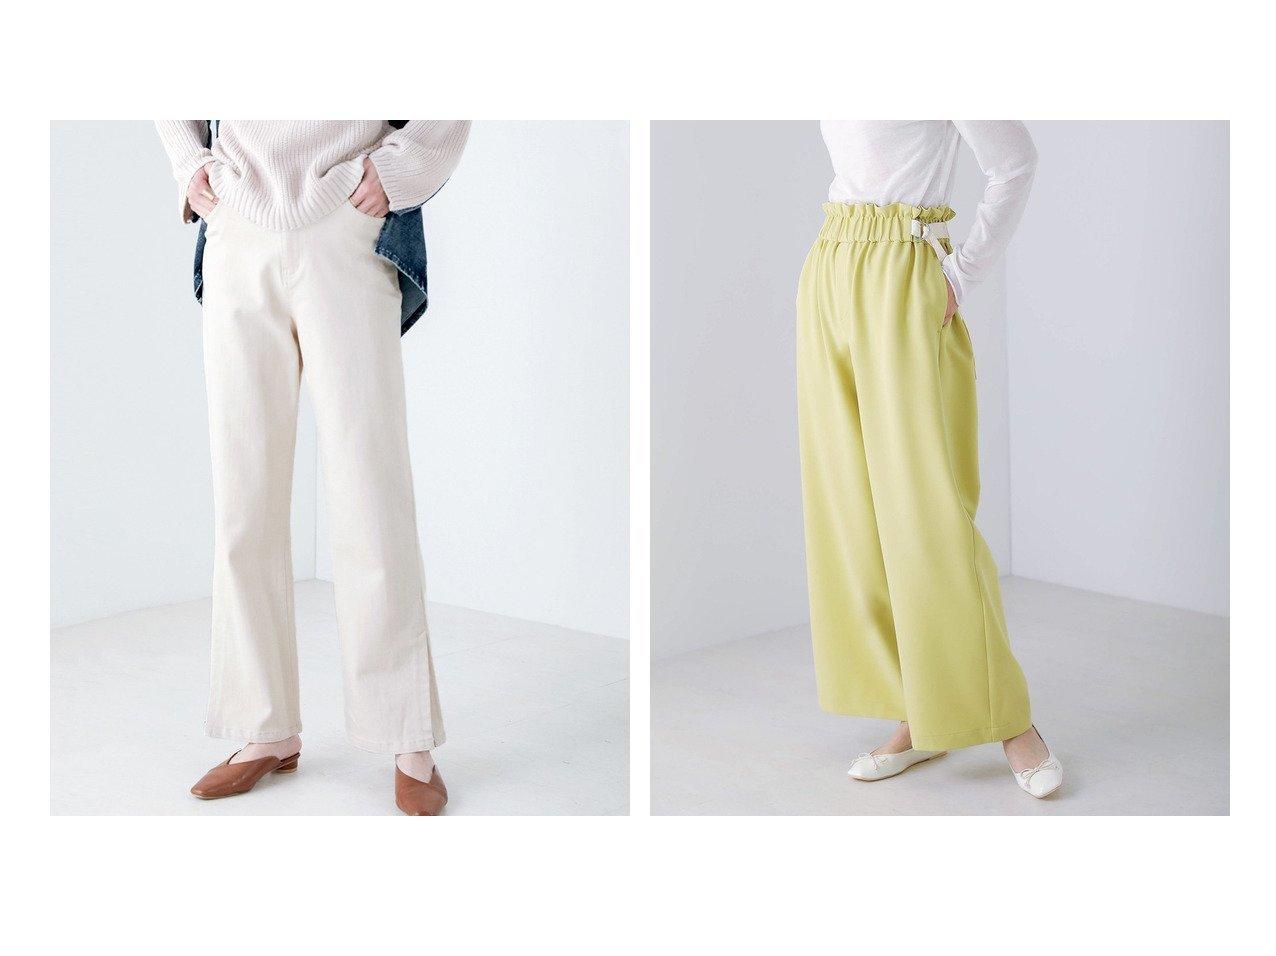 【Bou Jeloud/ブージュルード】の優秀デニム スリットストレッチデニムパンツ&サイドベルトセミワイドパンツ パンツのおすすめ!人気、トレンド・レディースファッションの通販  おすすめで人気の流行・トレンド、ファッションの通販商品 メンズファッション・キッズファッション・インテリア・家具・レディースファッション・服の通販 founy(ファニー) https://founy.com/ ファッション Fashion レディースファッション WOMEN パンツ Pants デニムパンツ Denim Pants ベルト Belts NEW・新作・新着・新入荷 New Arrivals ストレッチ スリット デニム フレア ポケット 楽ちん ギャザー ワイド |ID:crp329100000018879